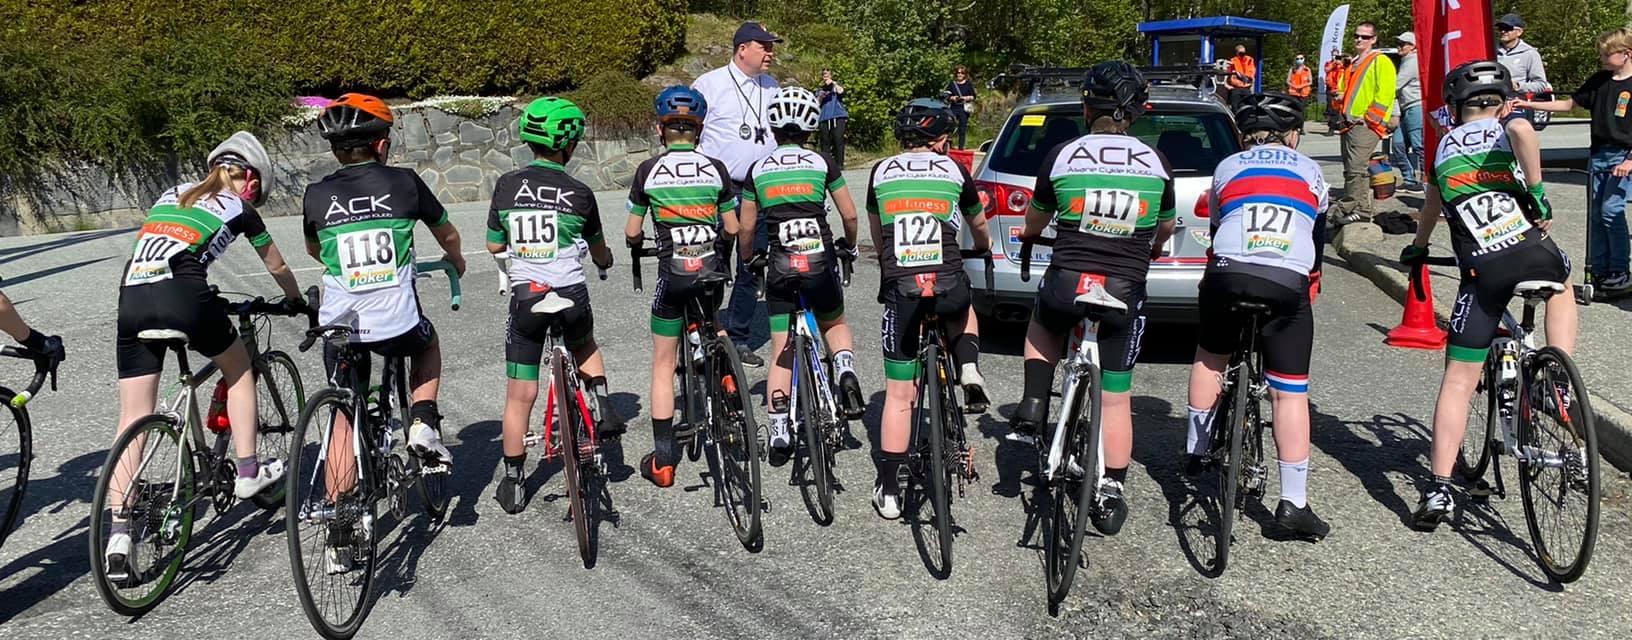 barn som sykler i klubbdrakt